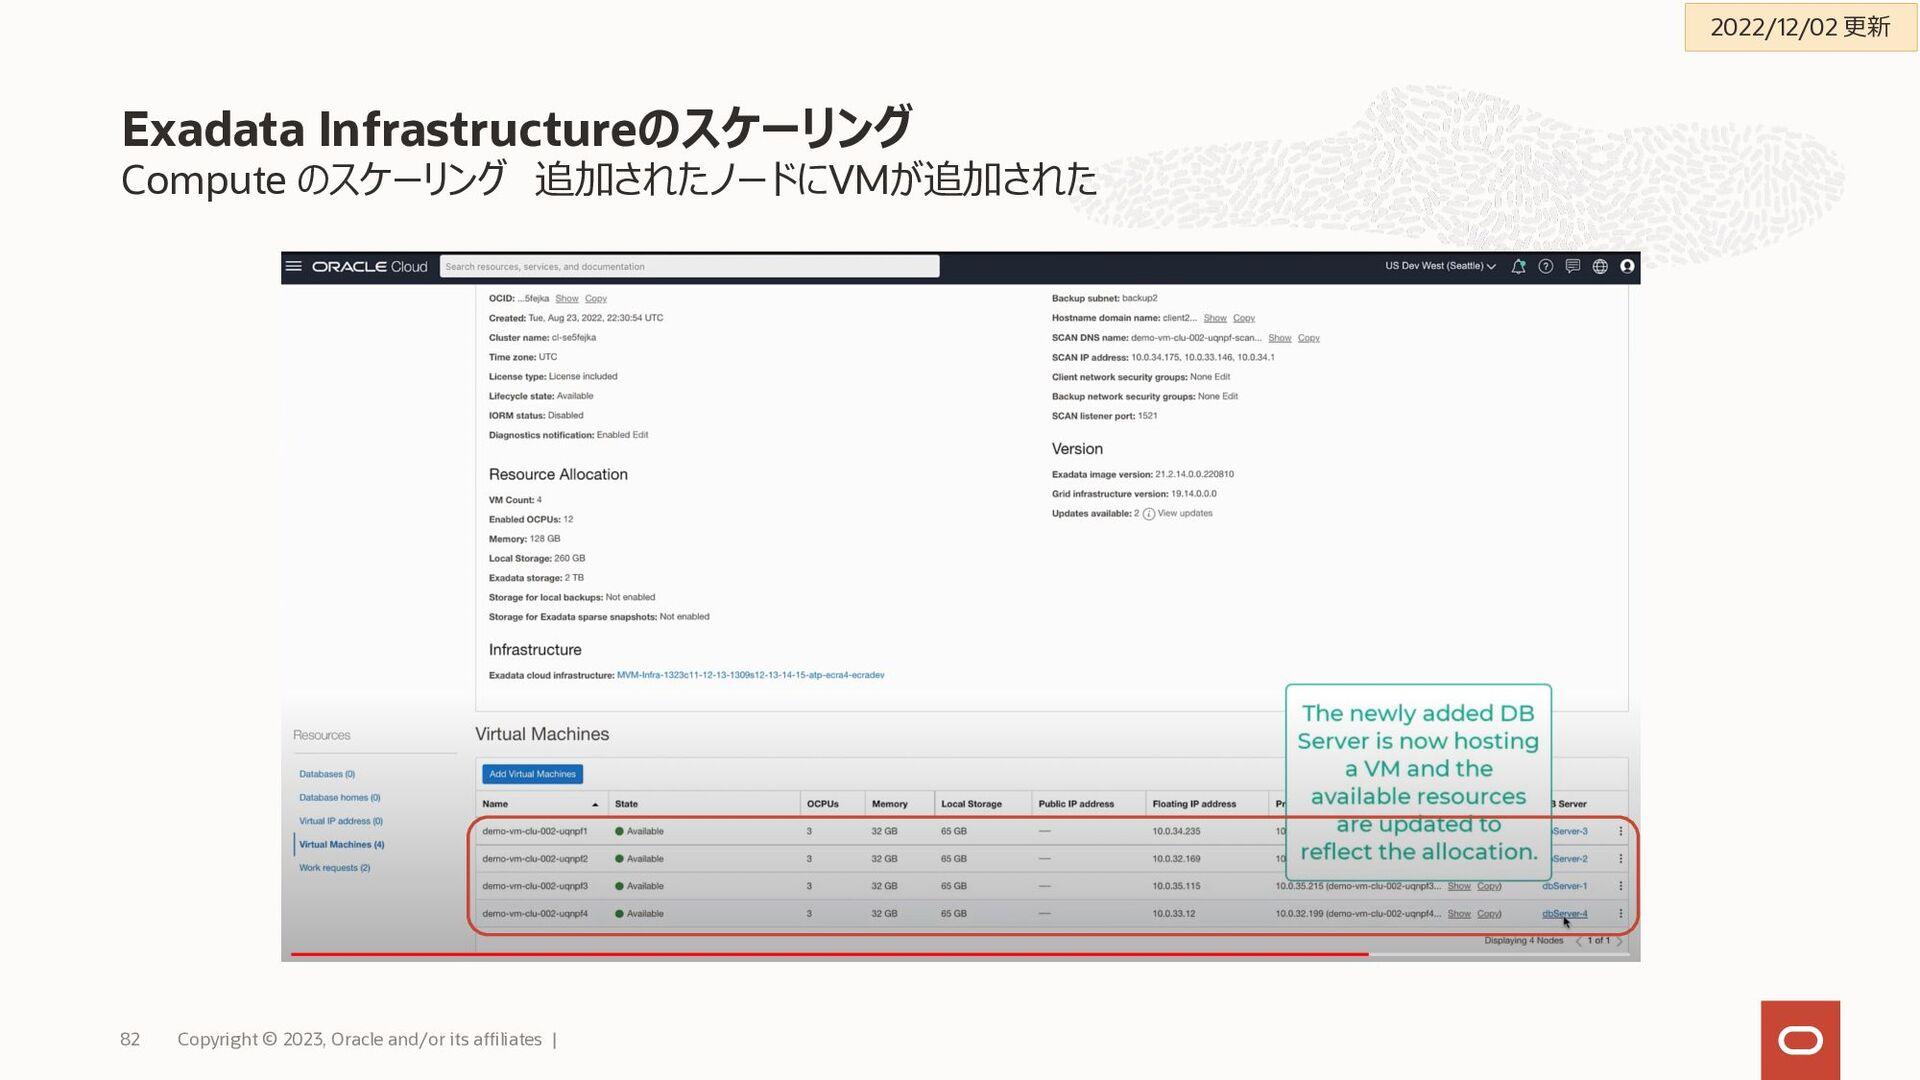 バックアップ考え方によって、取得先や取得先による設定方式を検討 Exadata Cloud S...